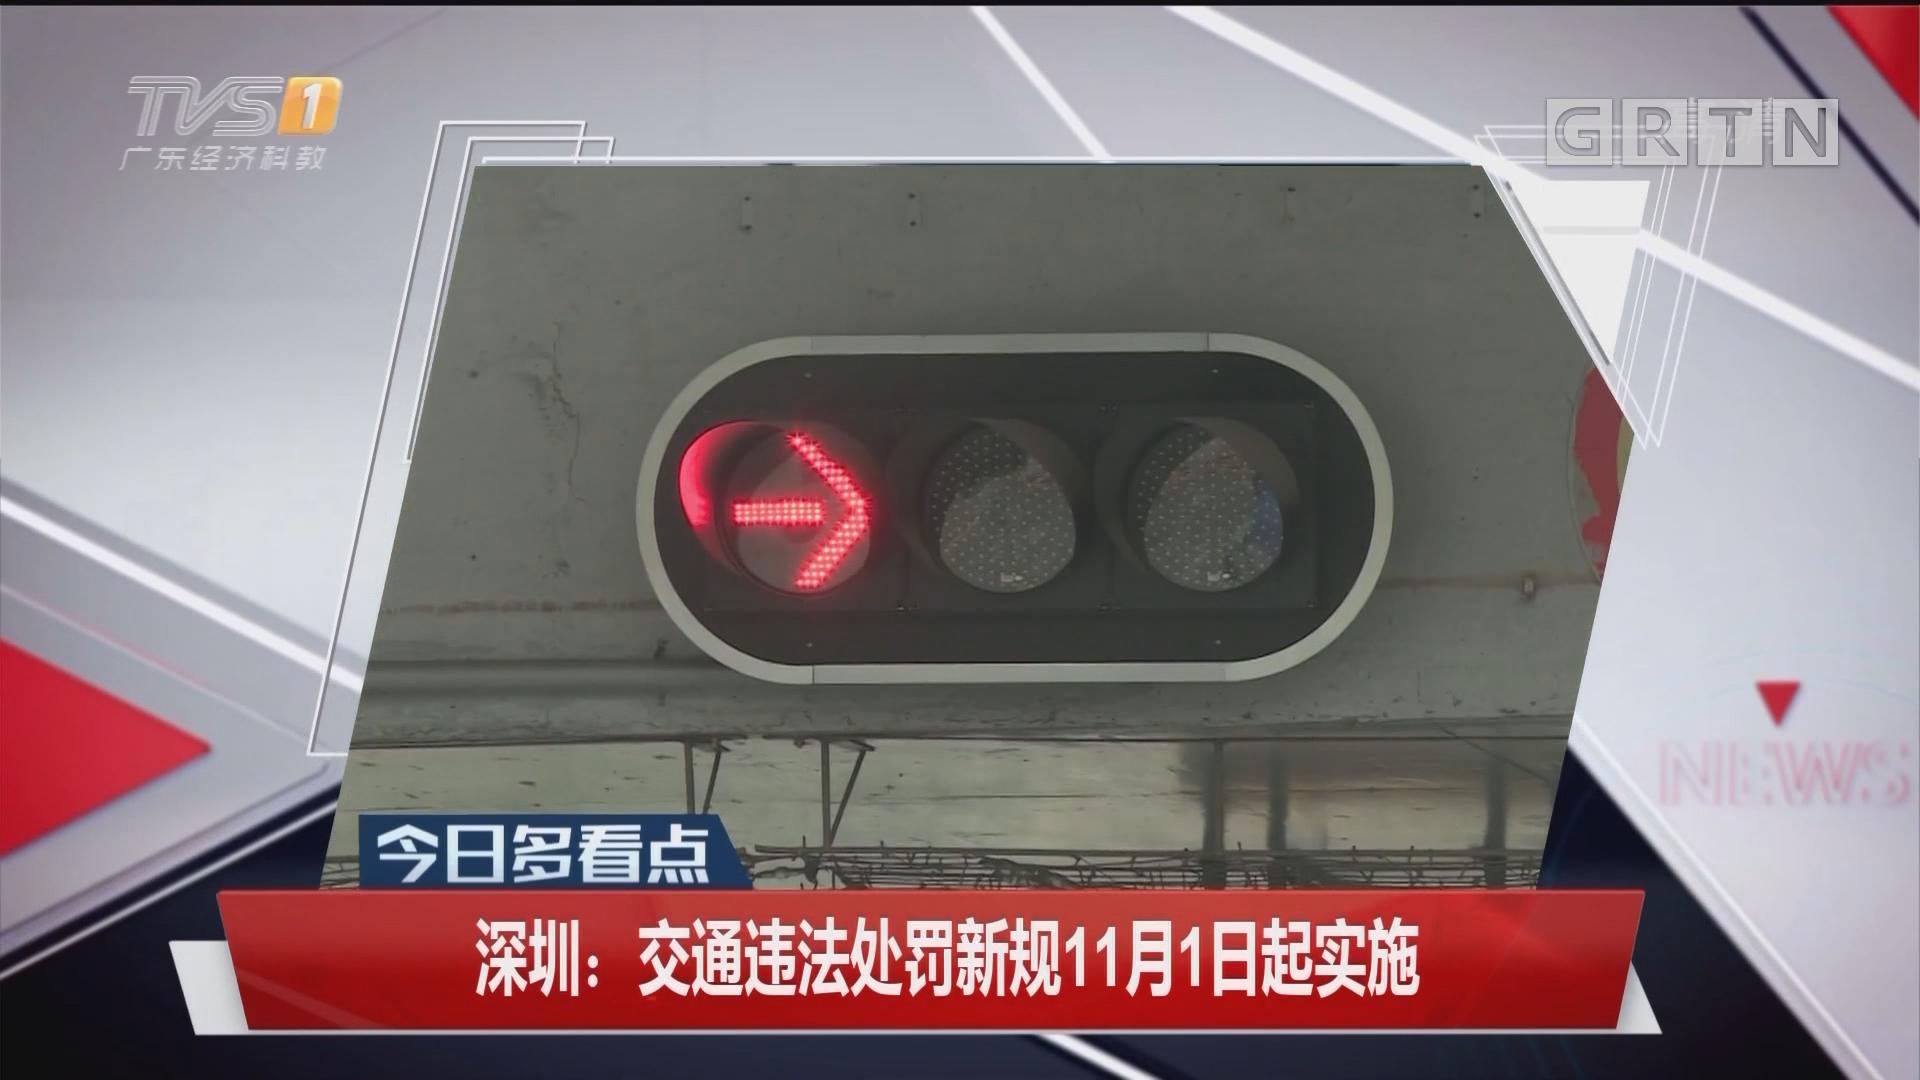 深圳:交通违法处罚新规11月1日起实施